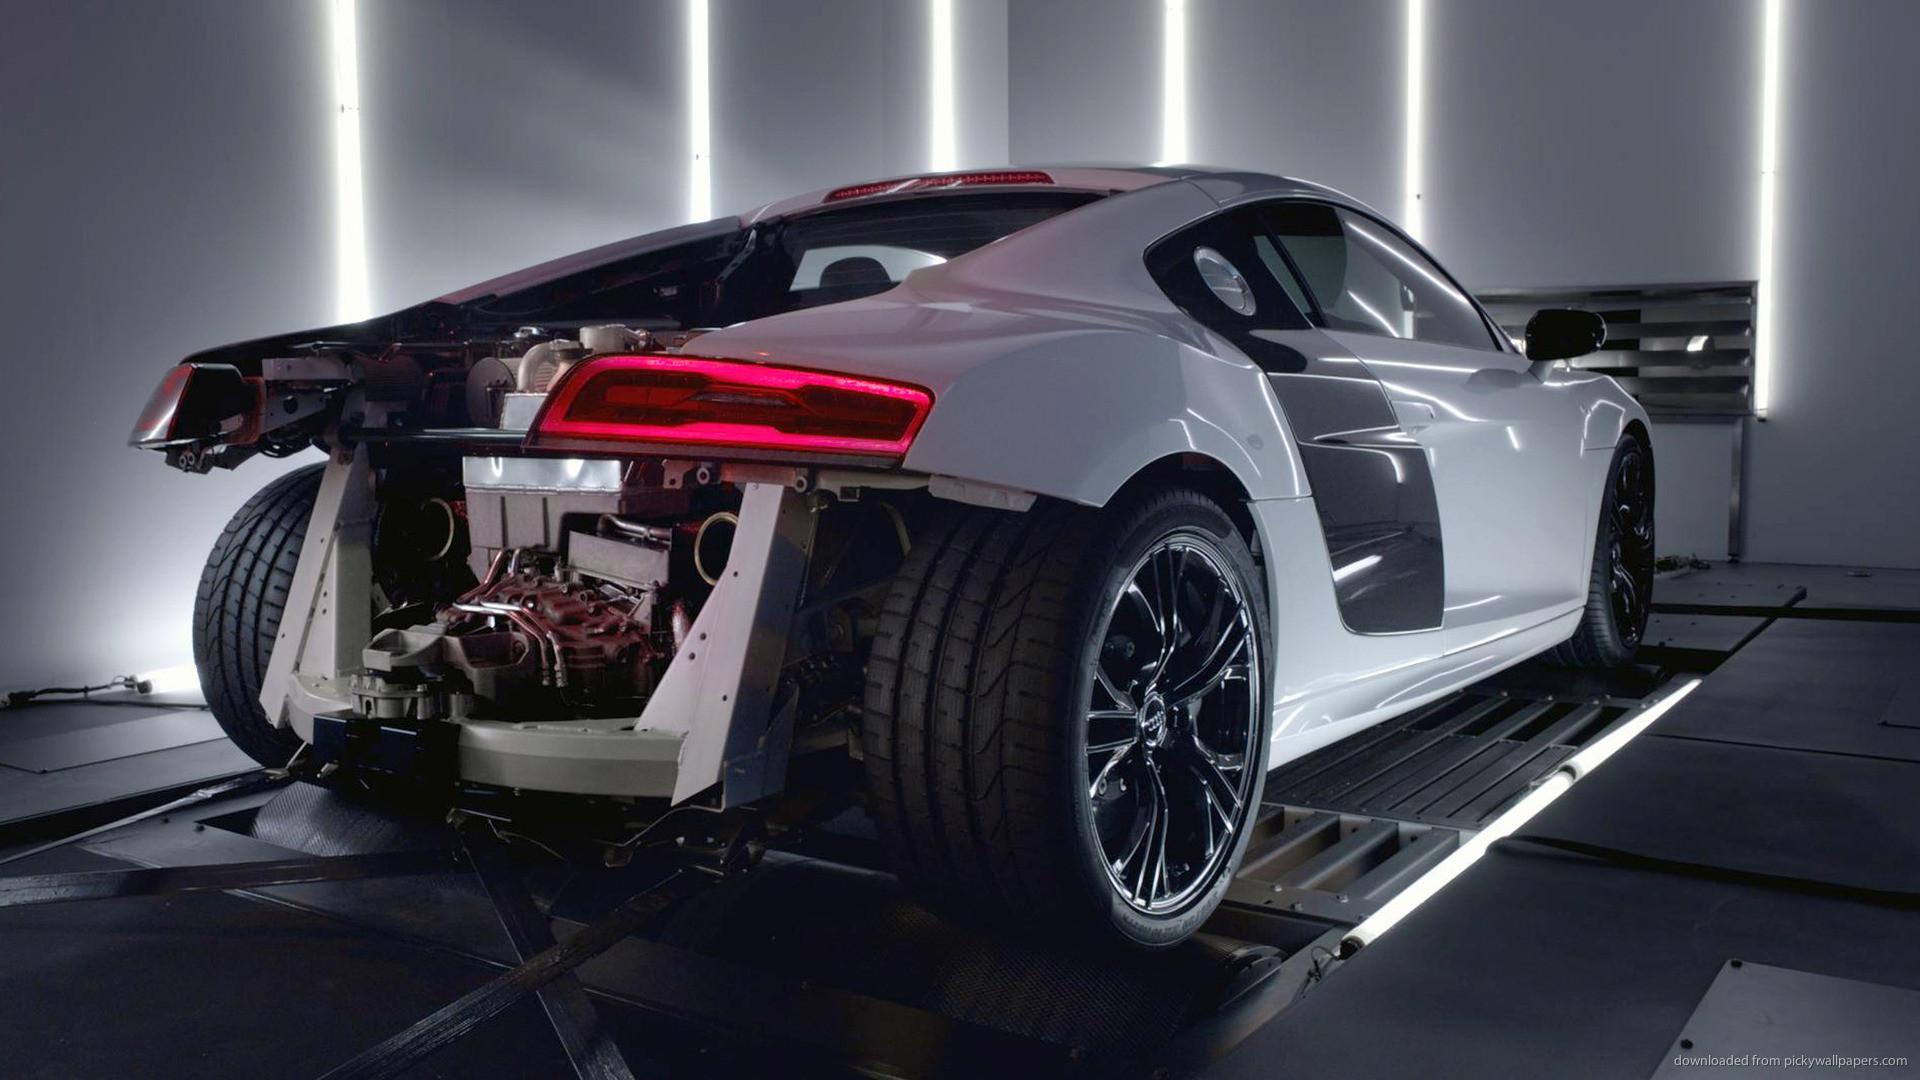 Audi R8 V10 Plus Supercar for 1920×1080